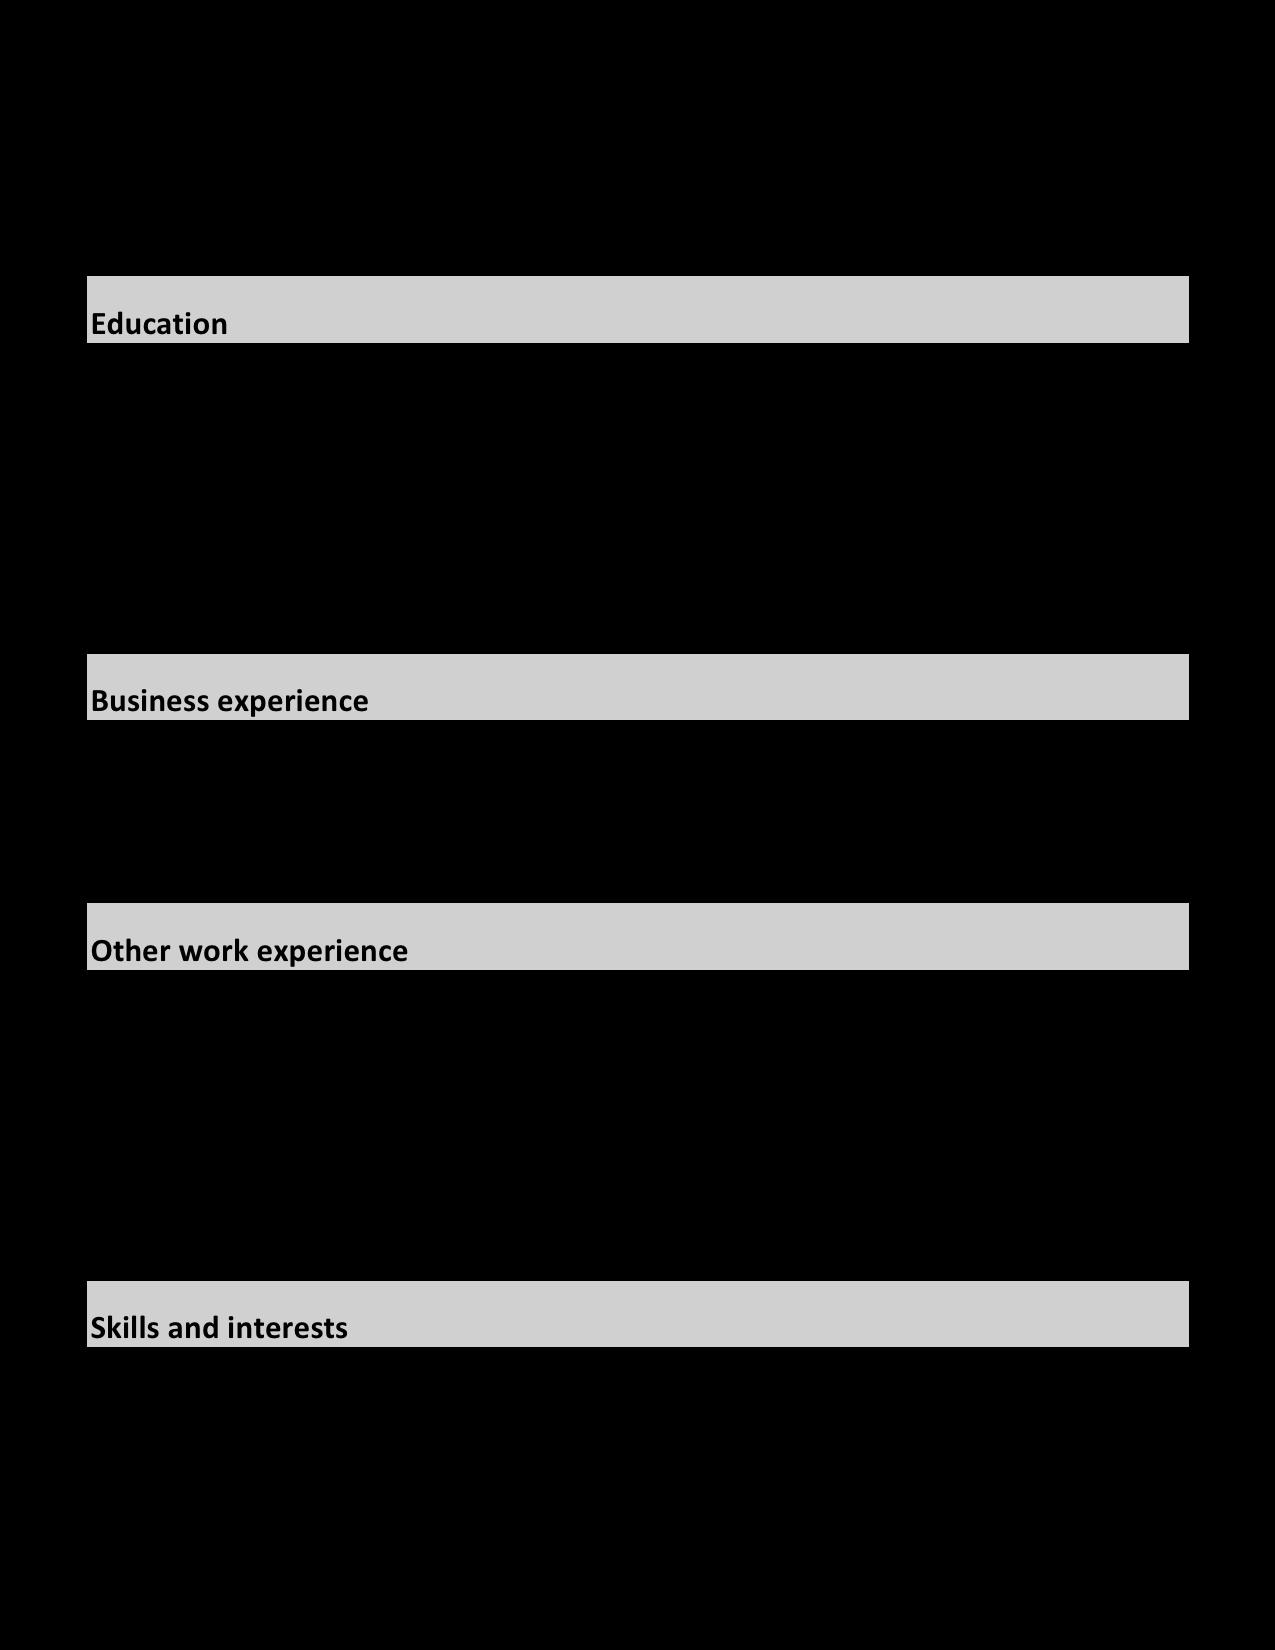 Правила типографики — как составить красивое резюме - 2